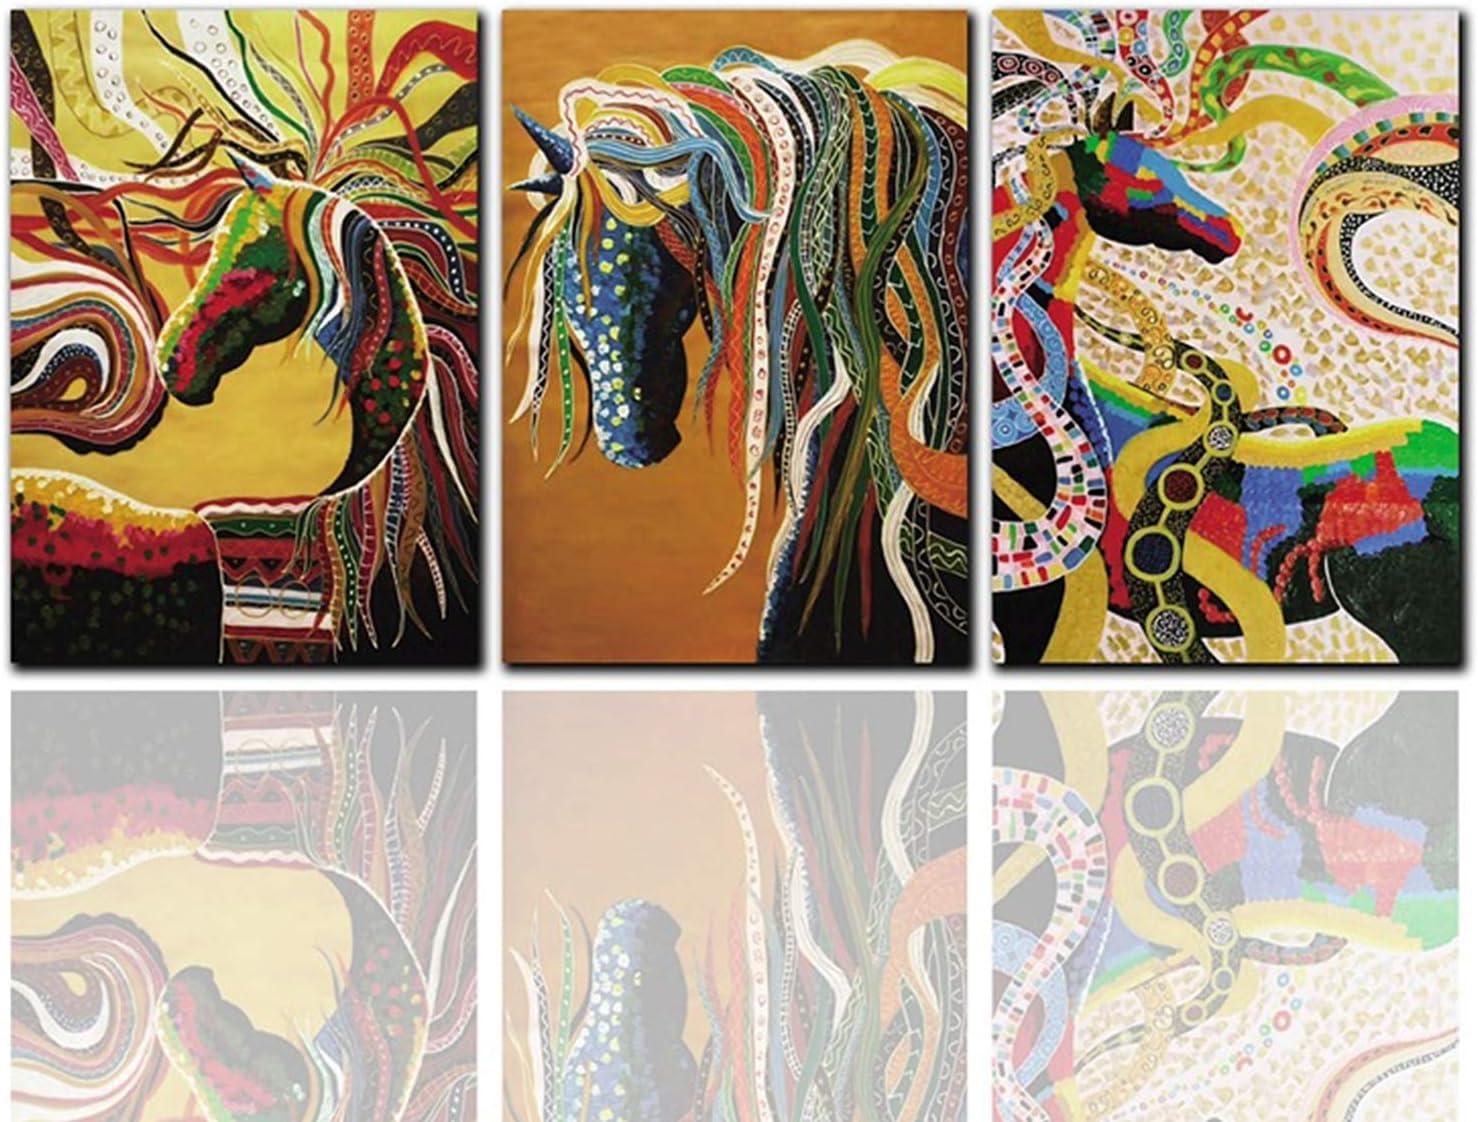 BQSWYD Arte Pop Clásico del Aceite Pintura del Arte Lona de la Decoración Cuadros Carteles e Impresiones Extracto Colorido del Caballo del Cuadro del Animal Ilustraciones, Sin Marco,2,80x120cm